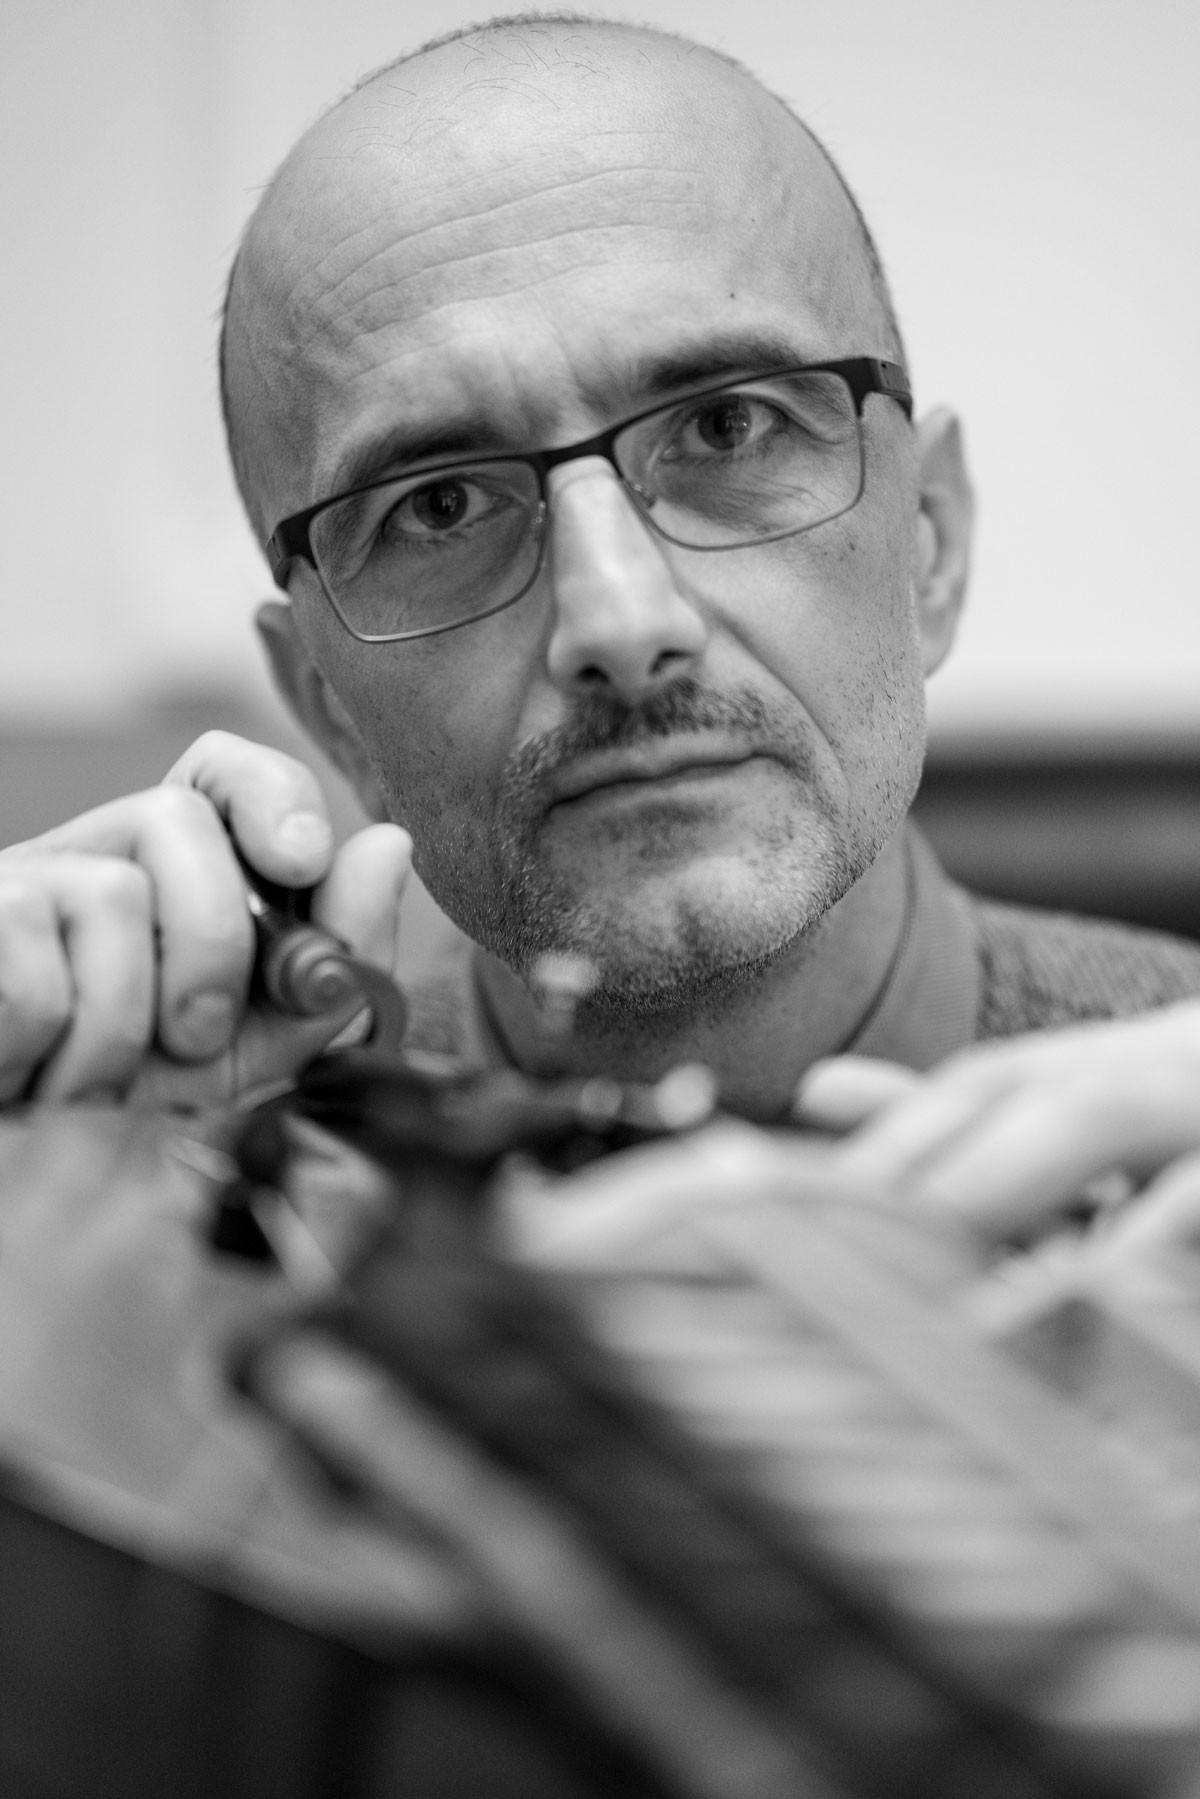 Szerényi Béla: Nem az a cél, hogy előadóművészeket képezzünk, hanem hogy zenét szerető, a nemzeti kultúránkért rajongó embereket neveljünk